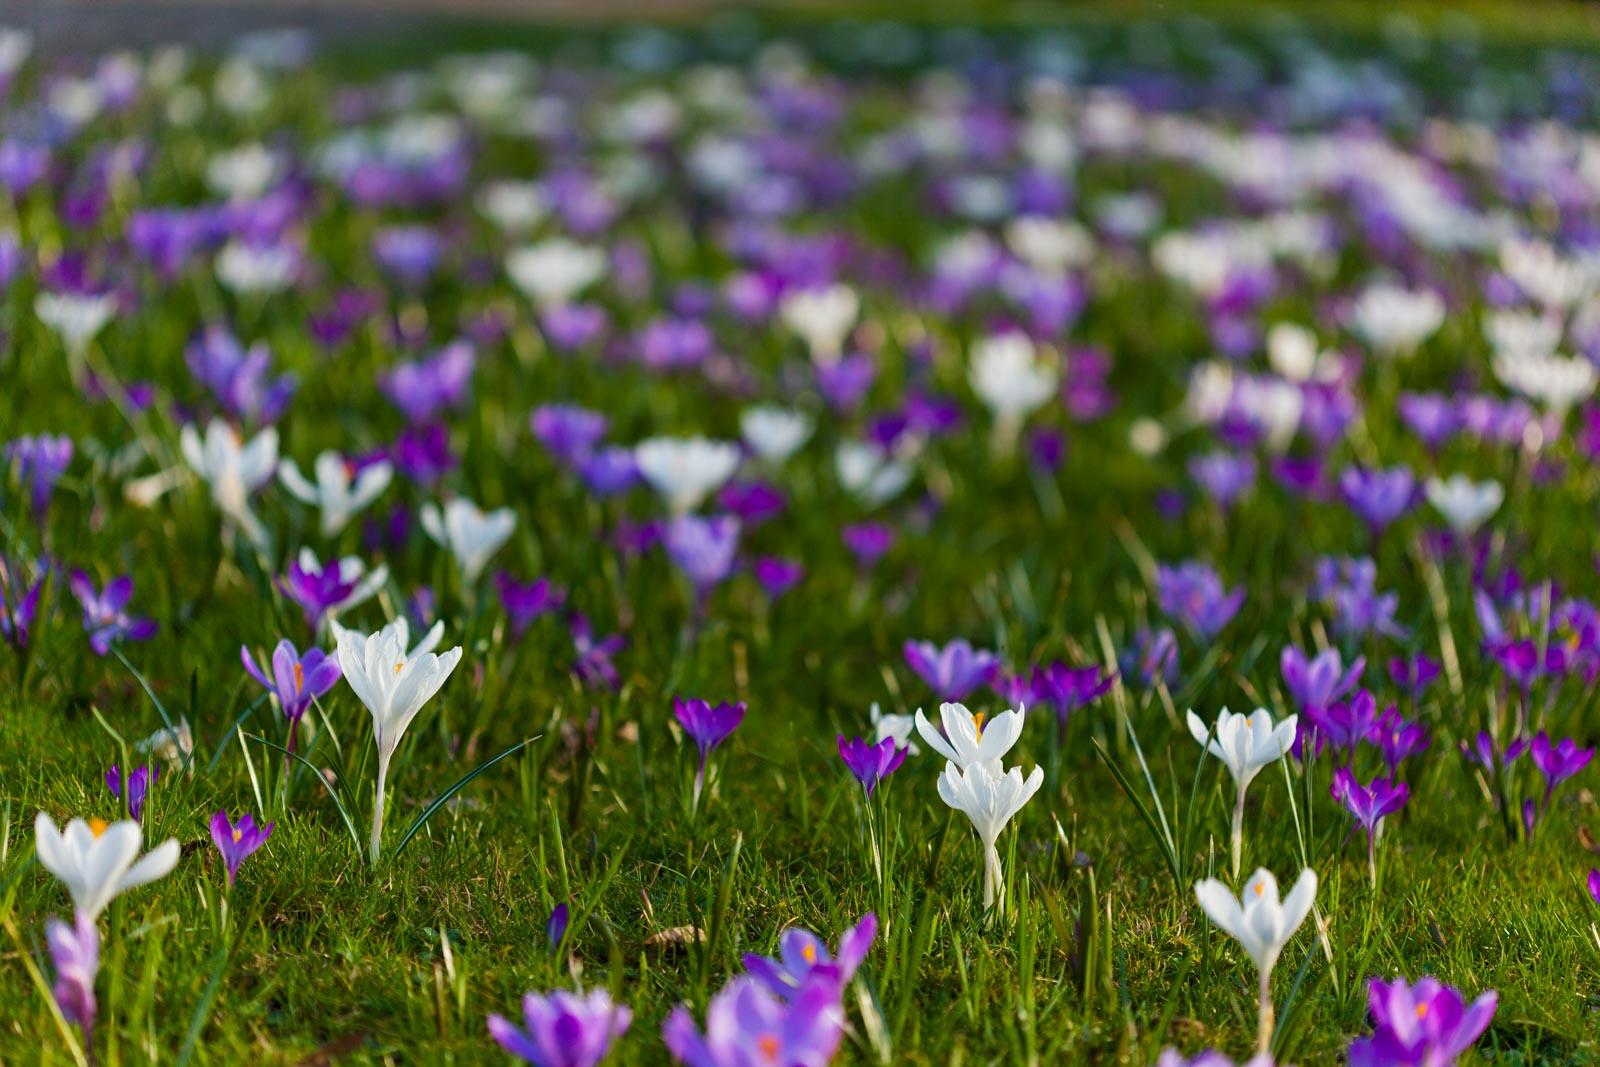 Krokussen in bloei tussen het gras